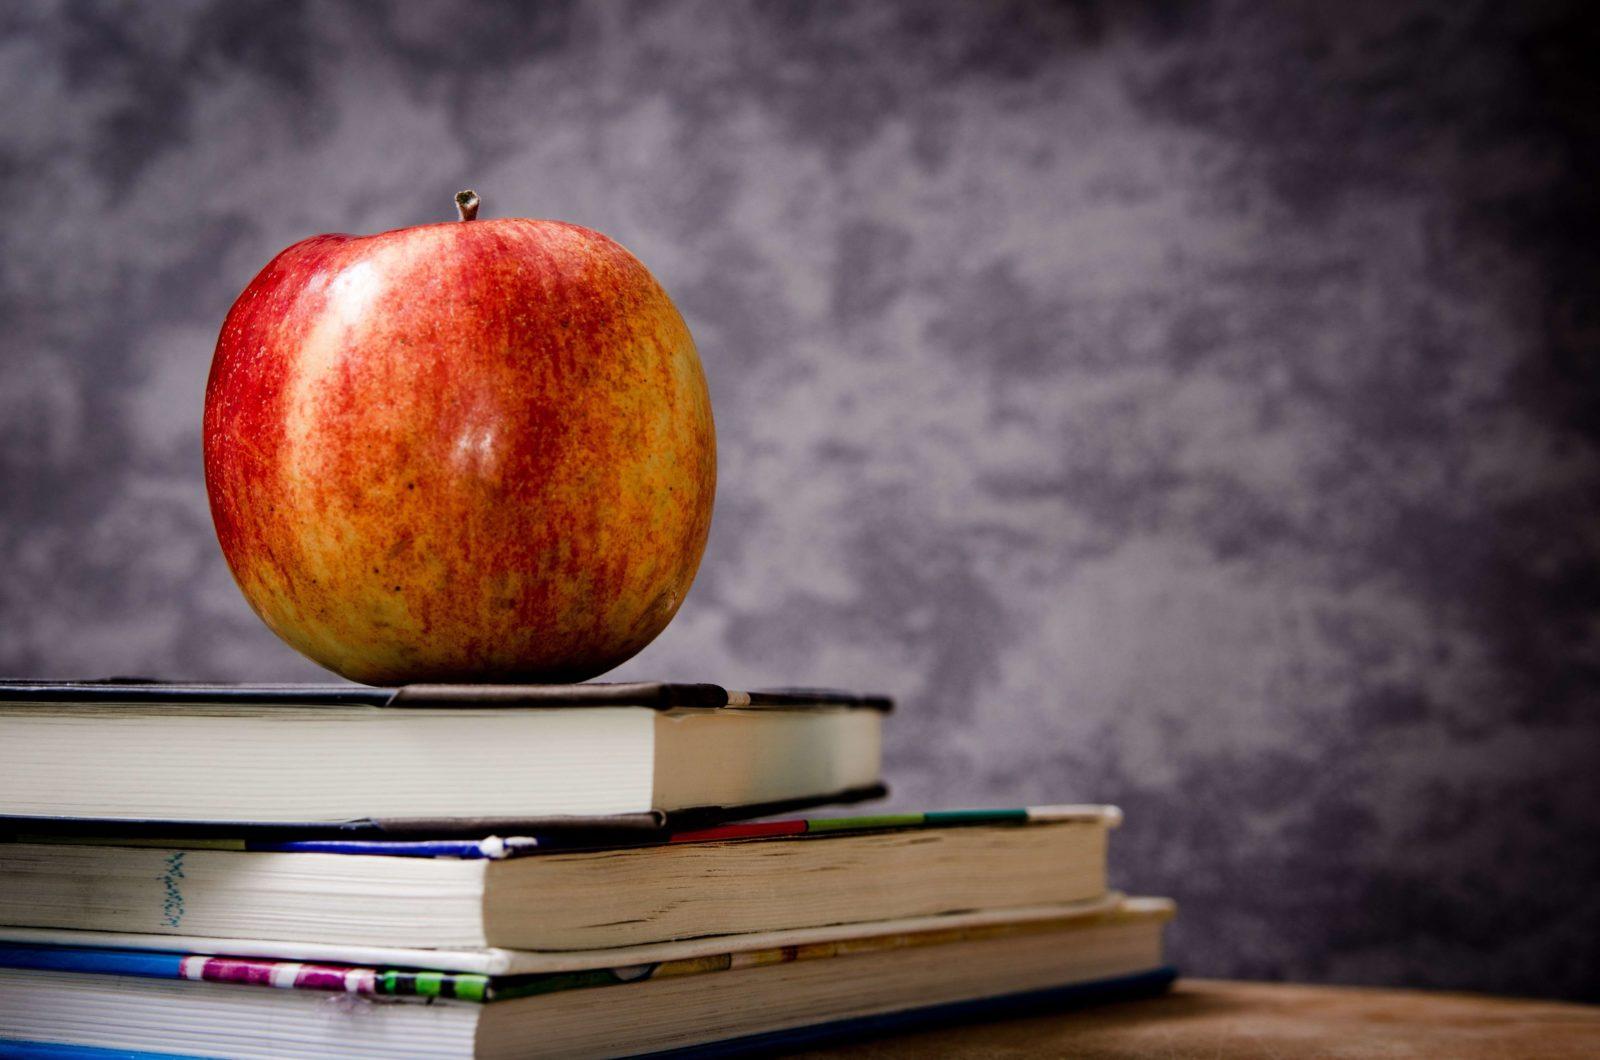 Ein Apfel auf einem Buch.